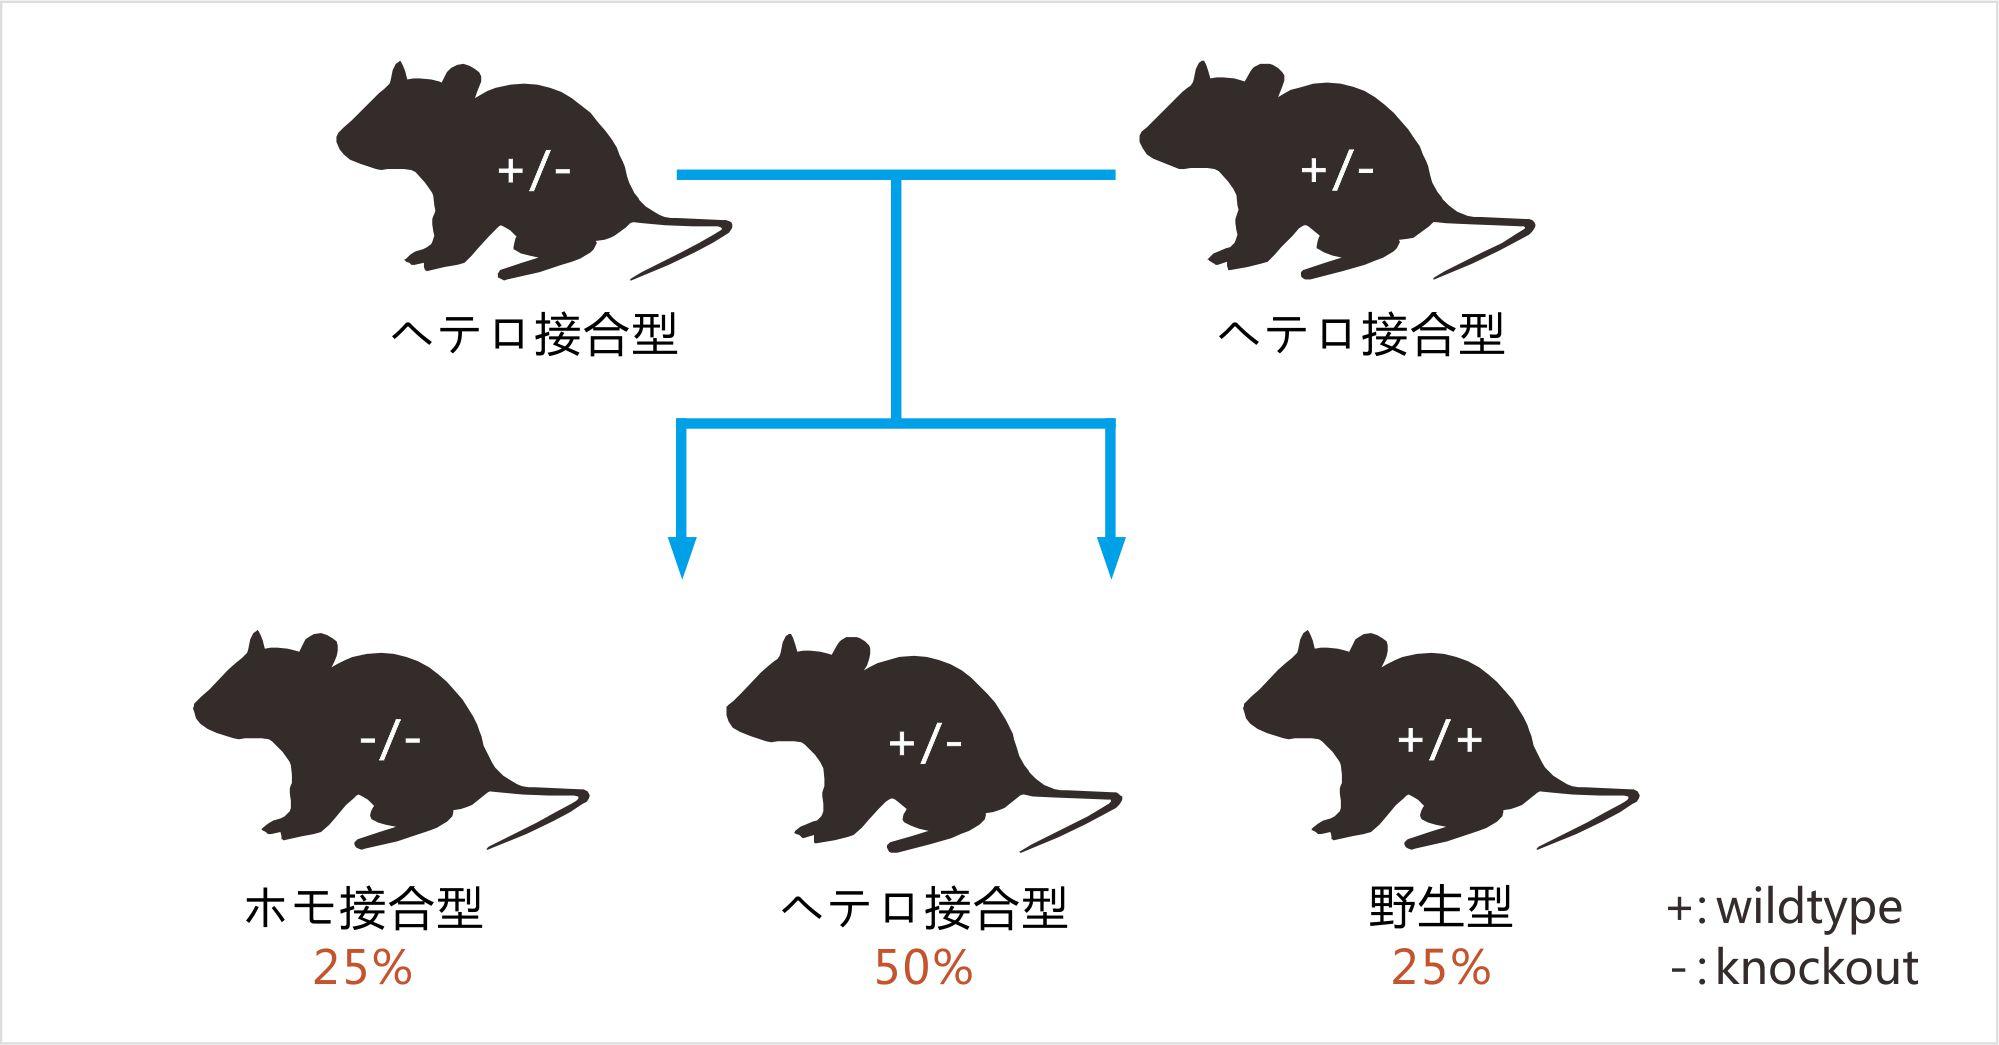 http://www.cyagen.jp/media/uploads/%D0%B8%D1%9E5%D0%B3%D0%B9%E4%BF%AE%E6%94%B9_kwSWvcl.jpg